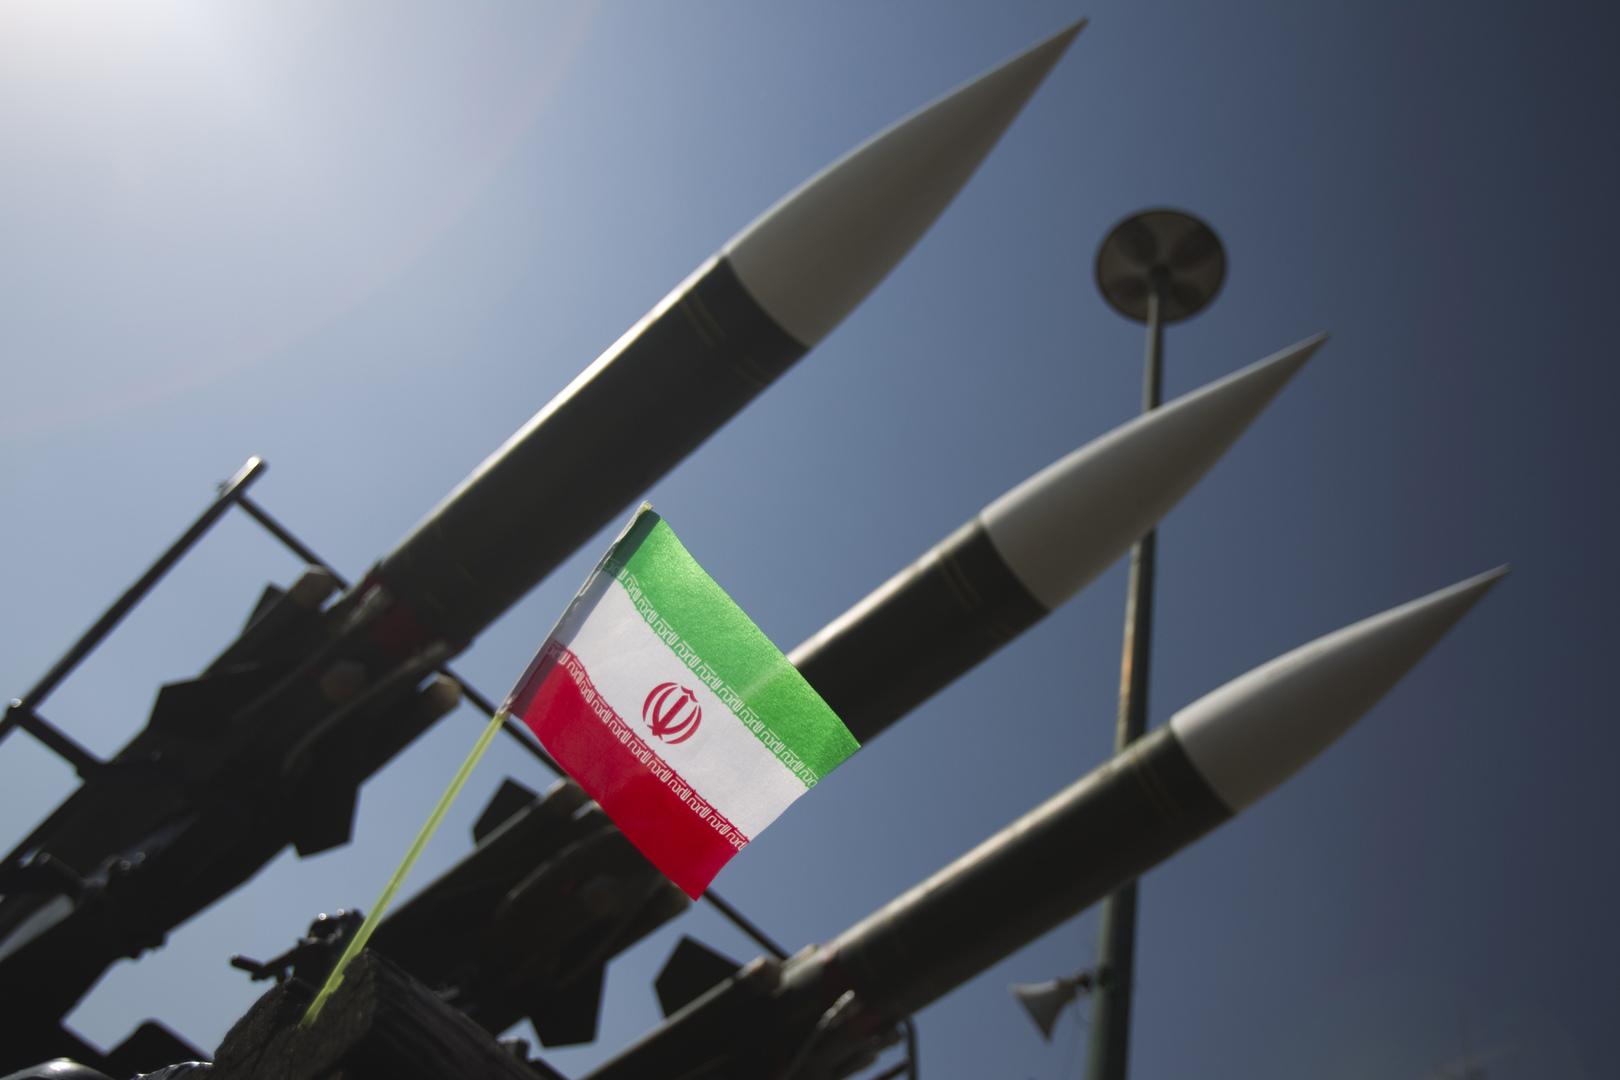 مسؤول عسكري إيراني: طهران وبغداد تعملان على اعداد اتفاق لتعاون دفاعي وعسكري